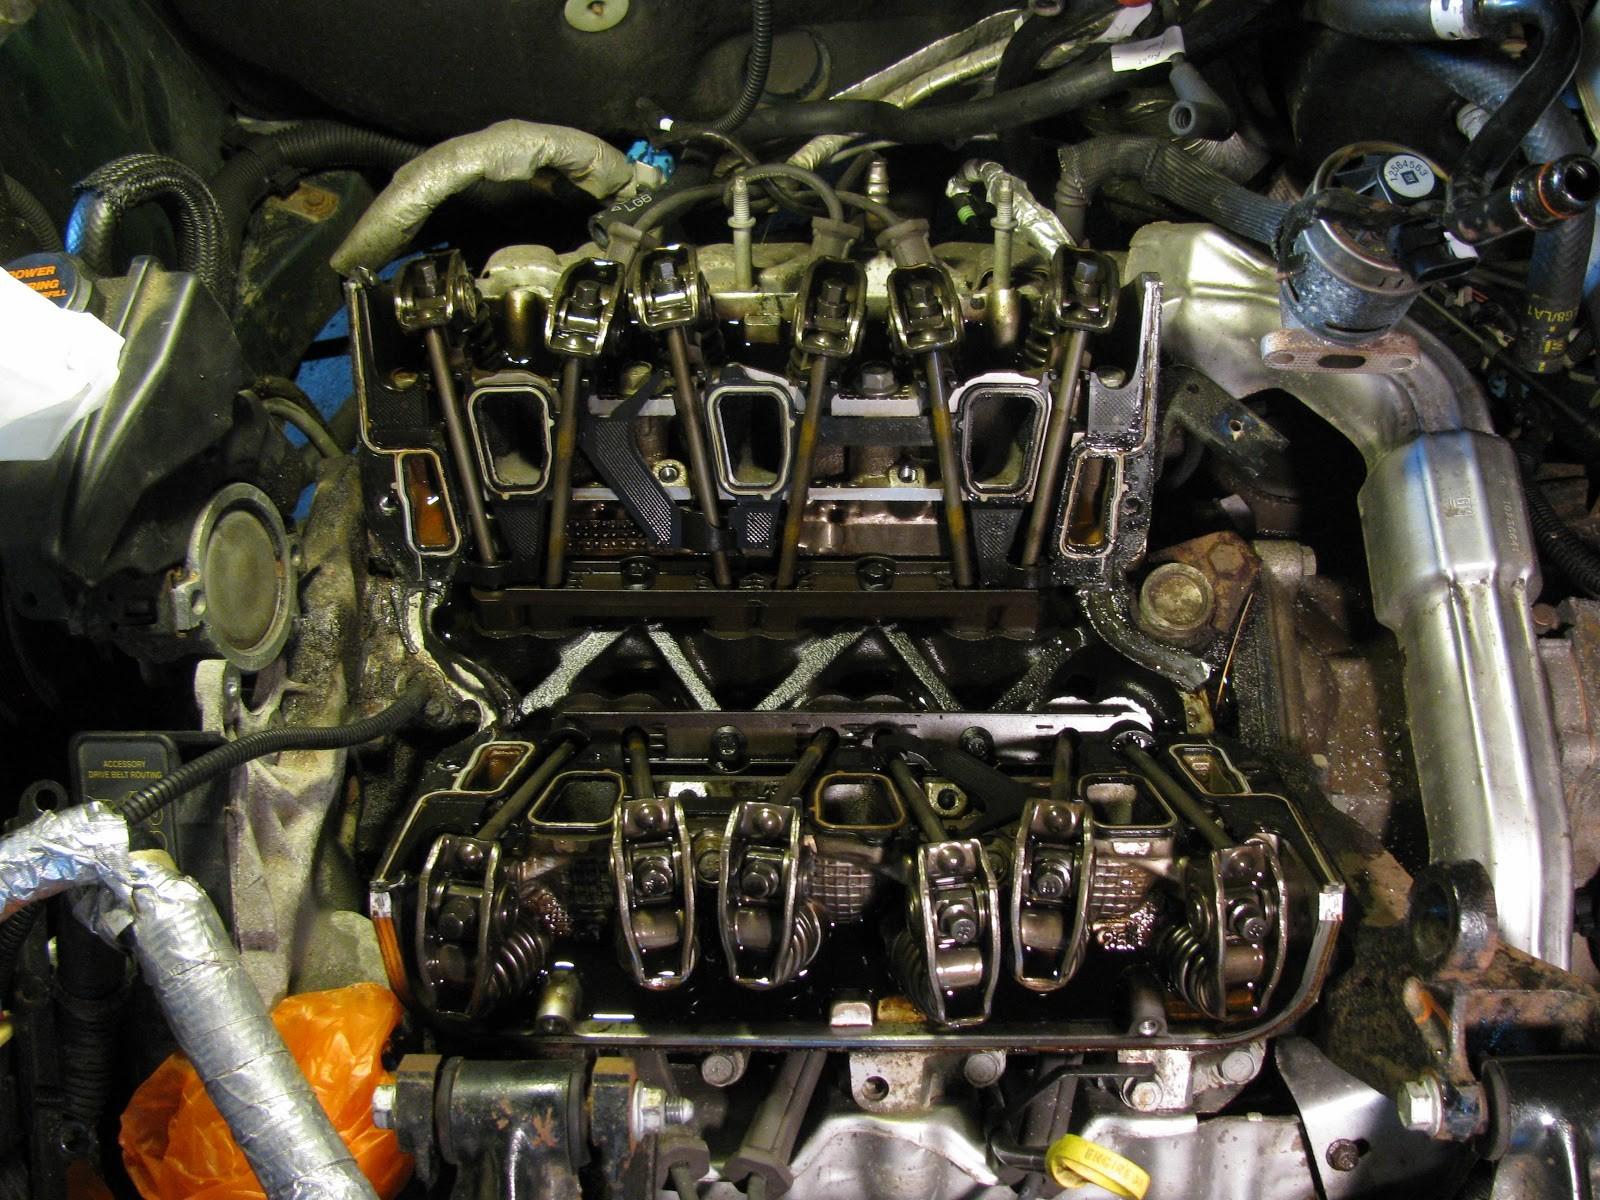 hight resolution of 2000 pontiac grand am gt engine diagram the original mechanic 3 1l engine gm replacing intake